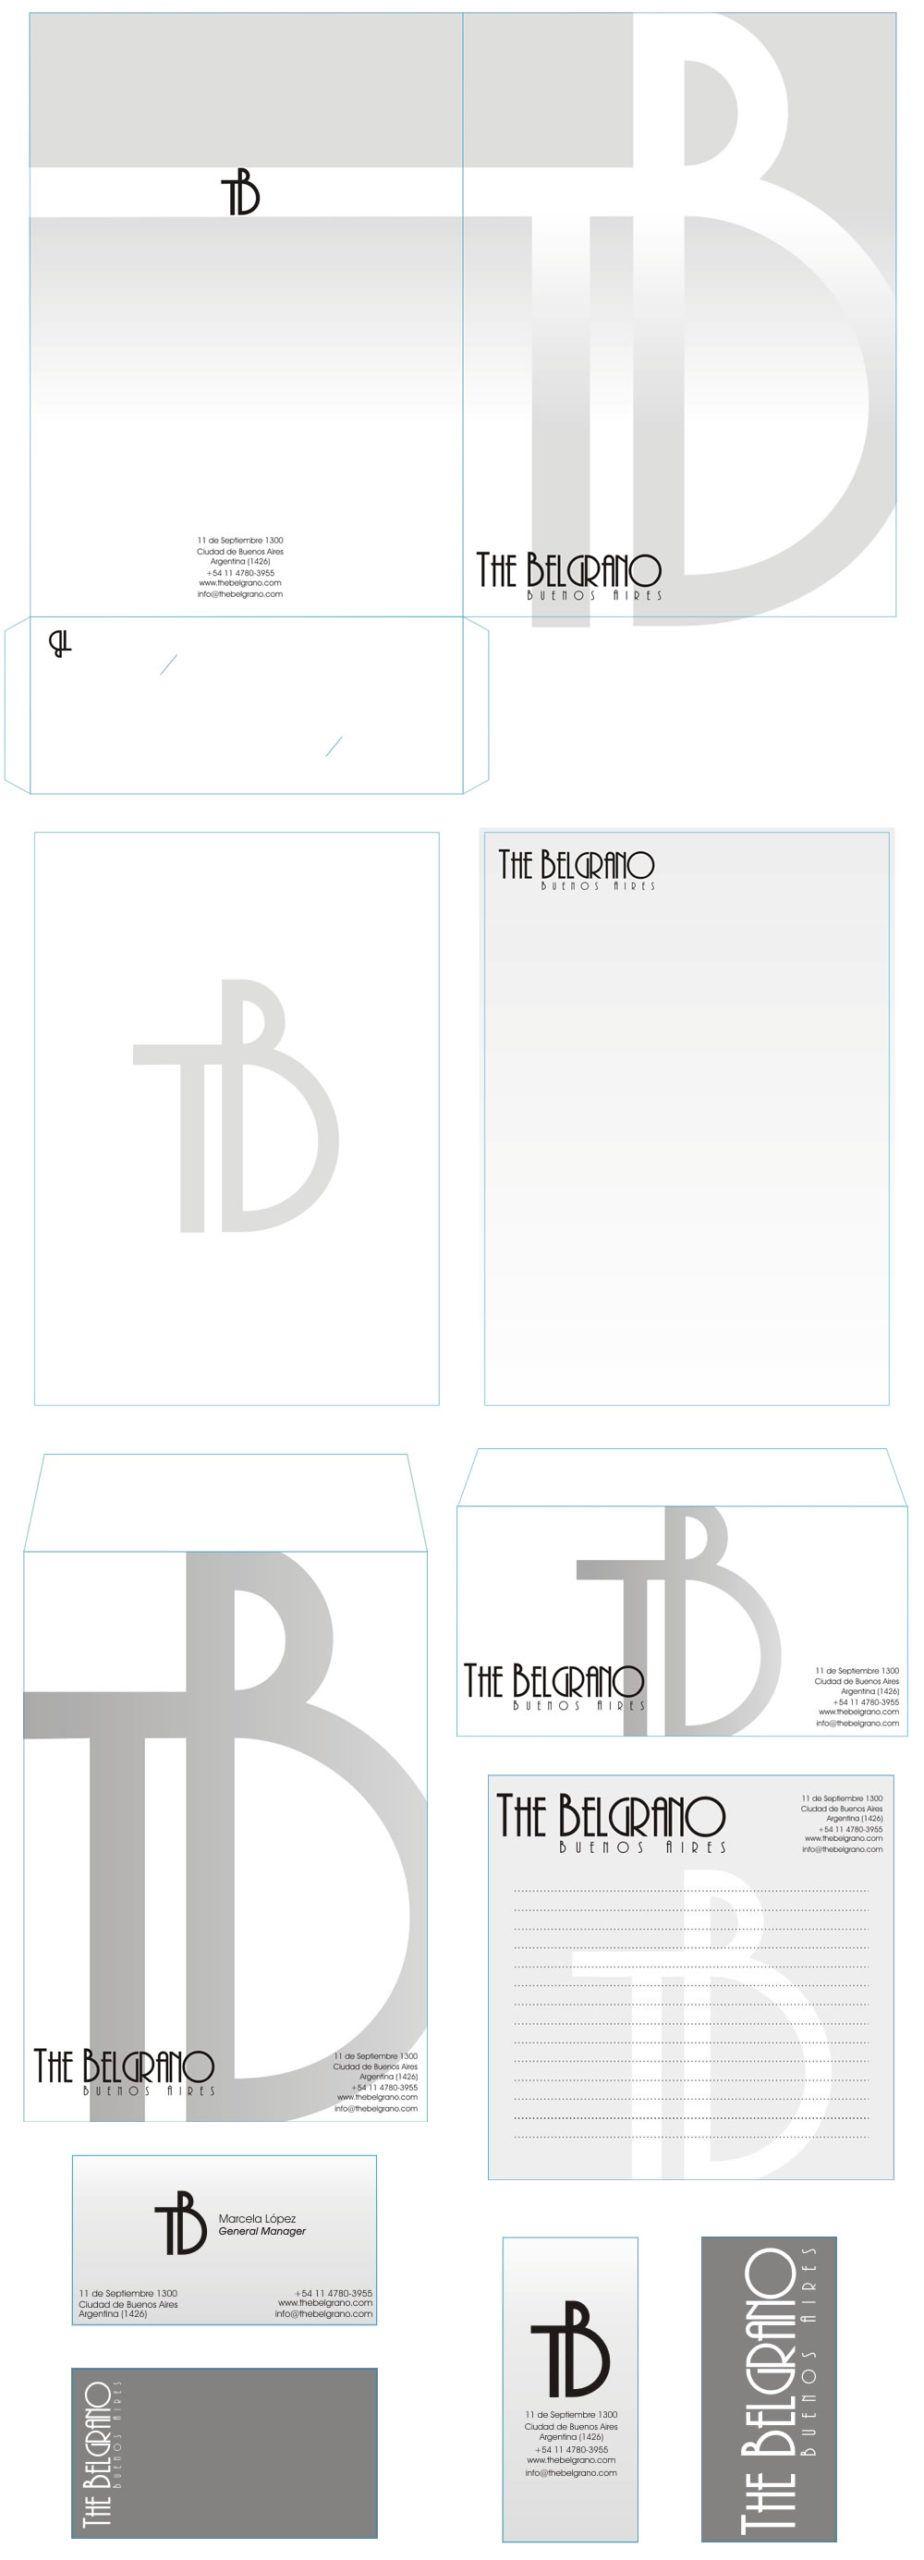 Diseño Papelería The Belgrano